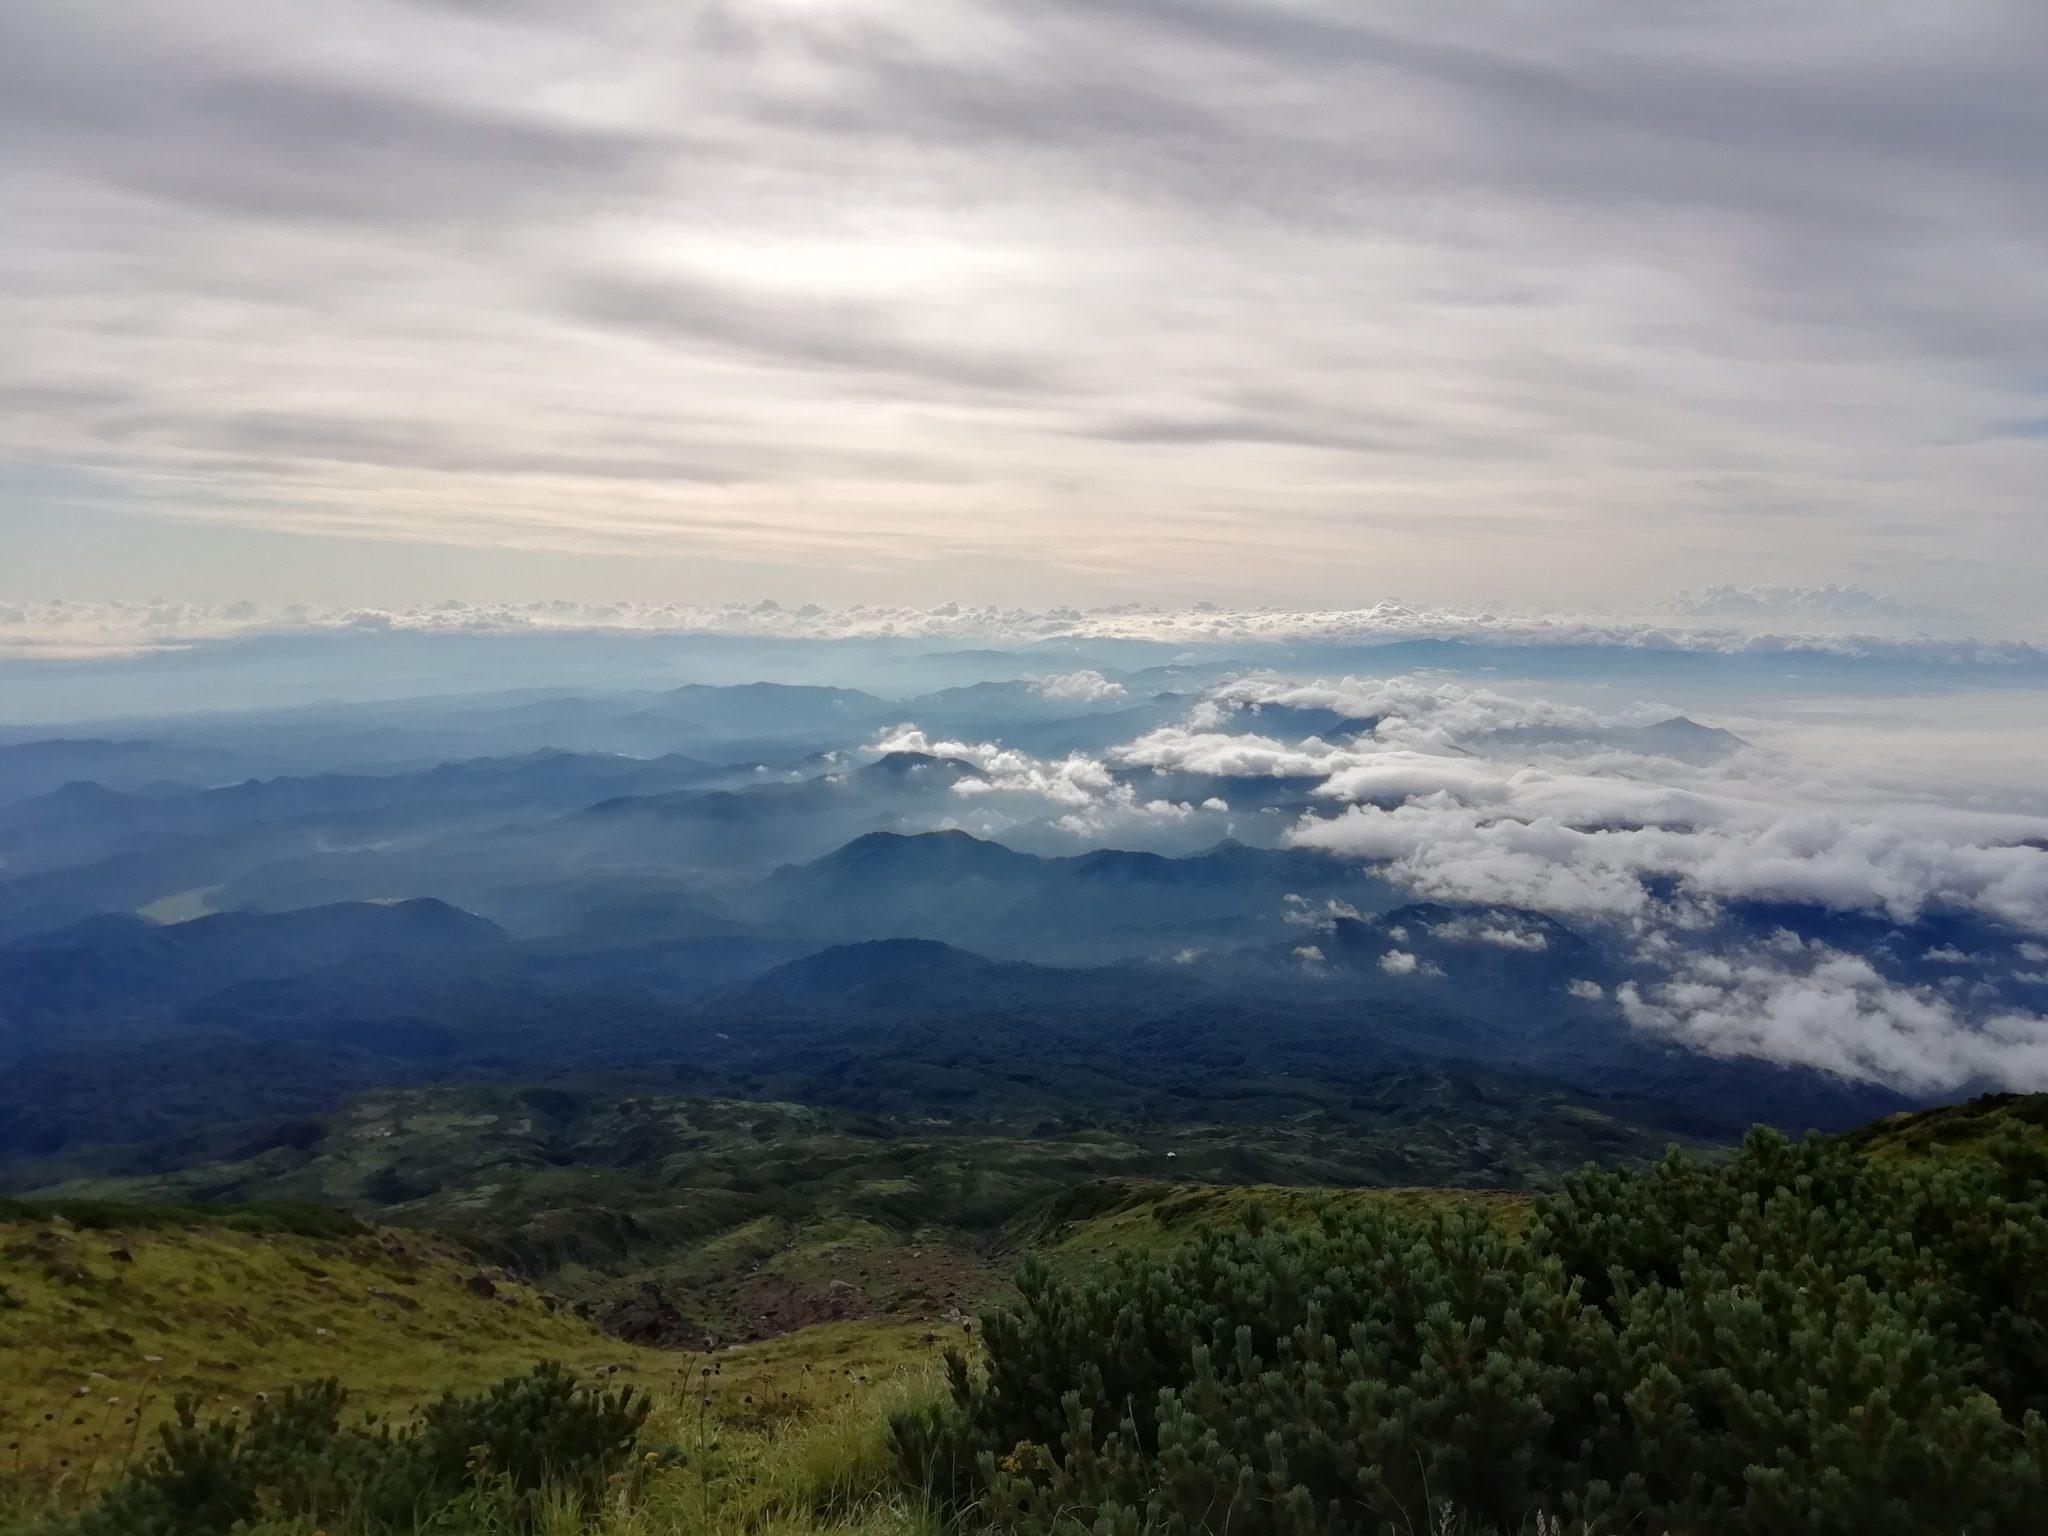 鳥海山山頂からの眺め